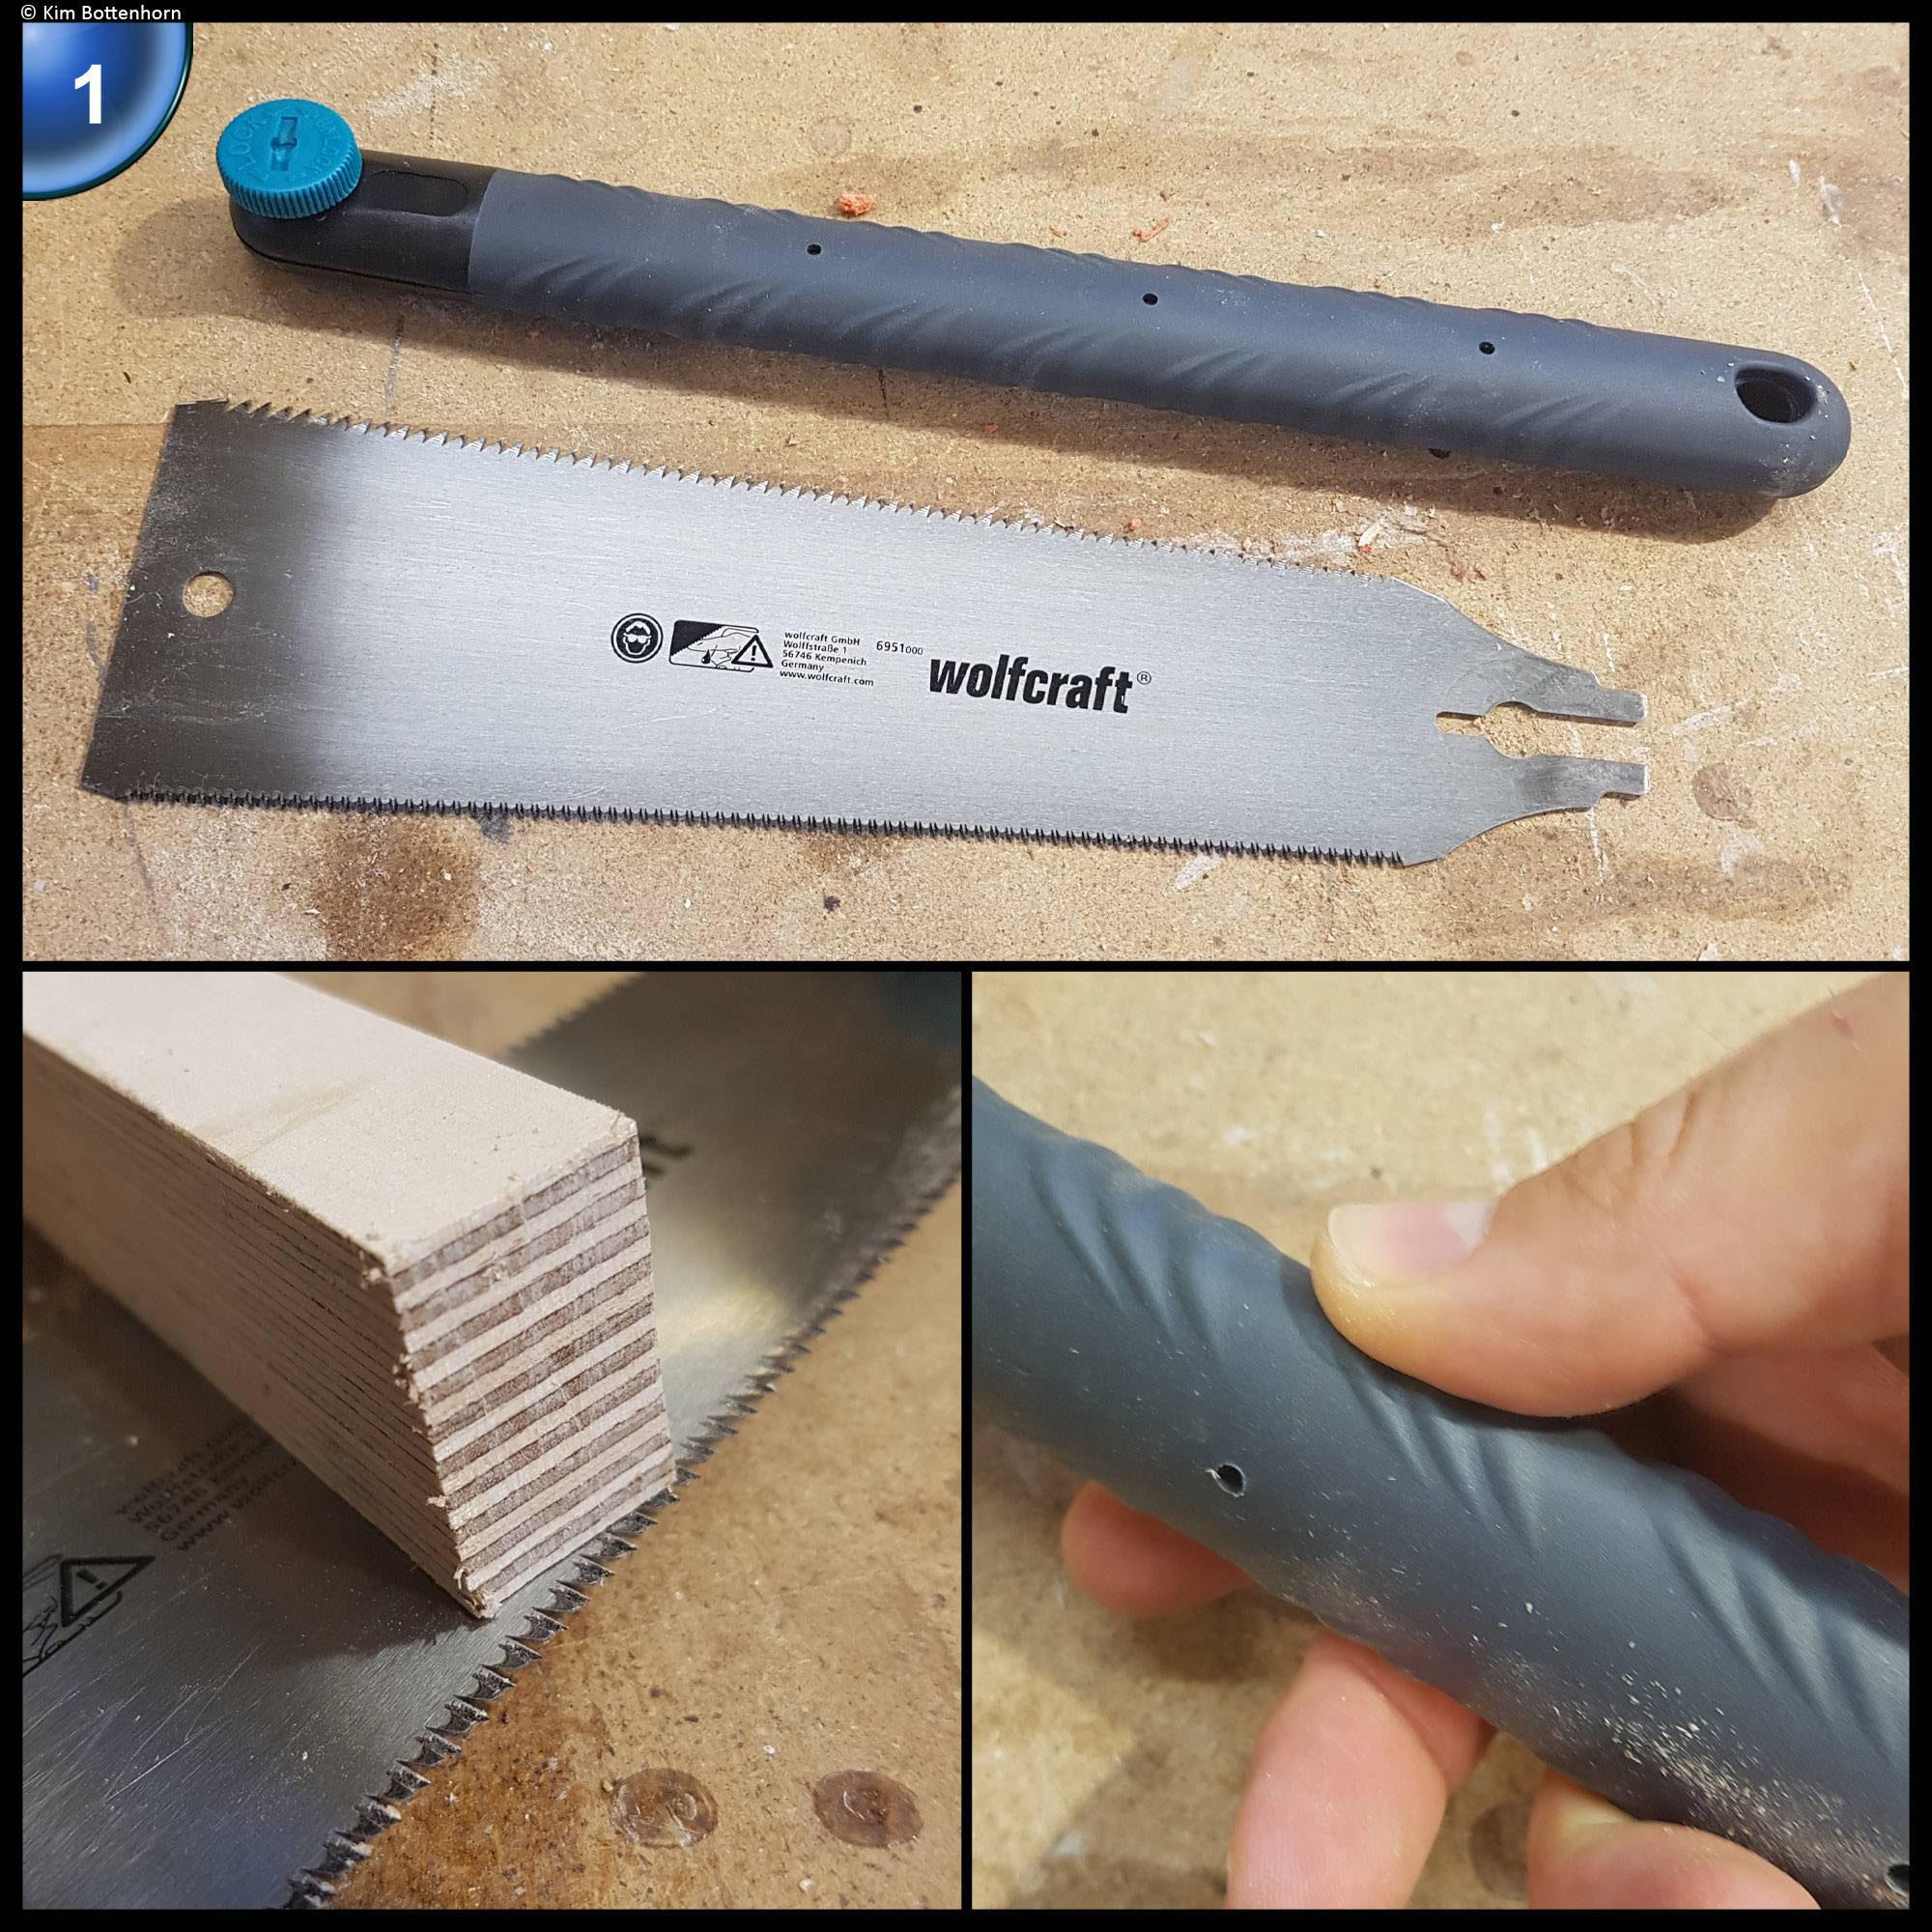 Wolfcraft 6951000 Japansäge 570 mm